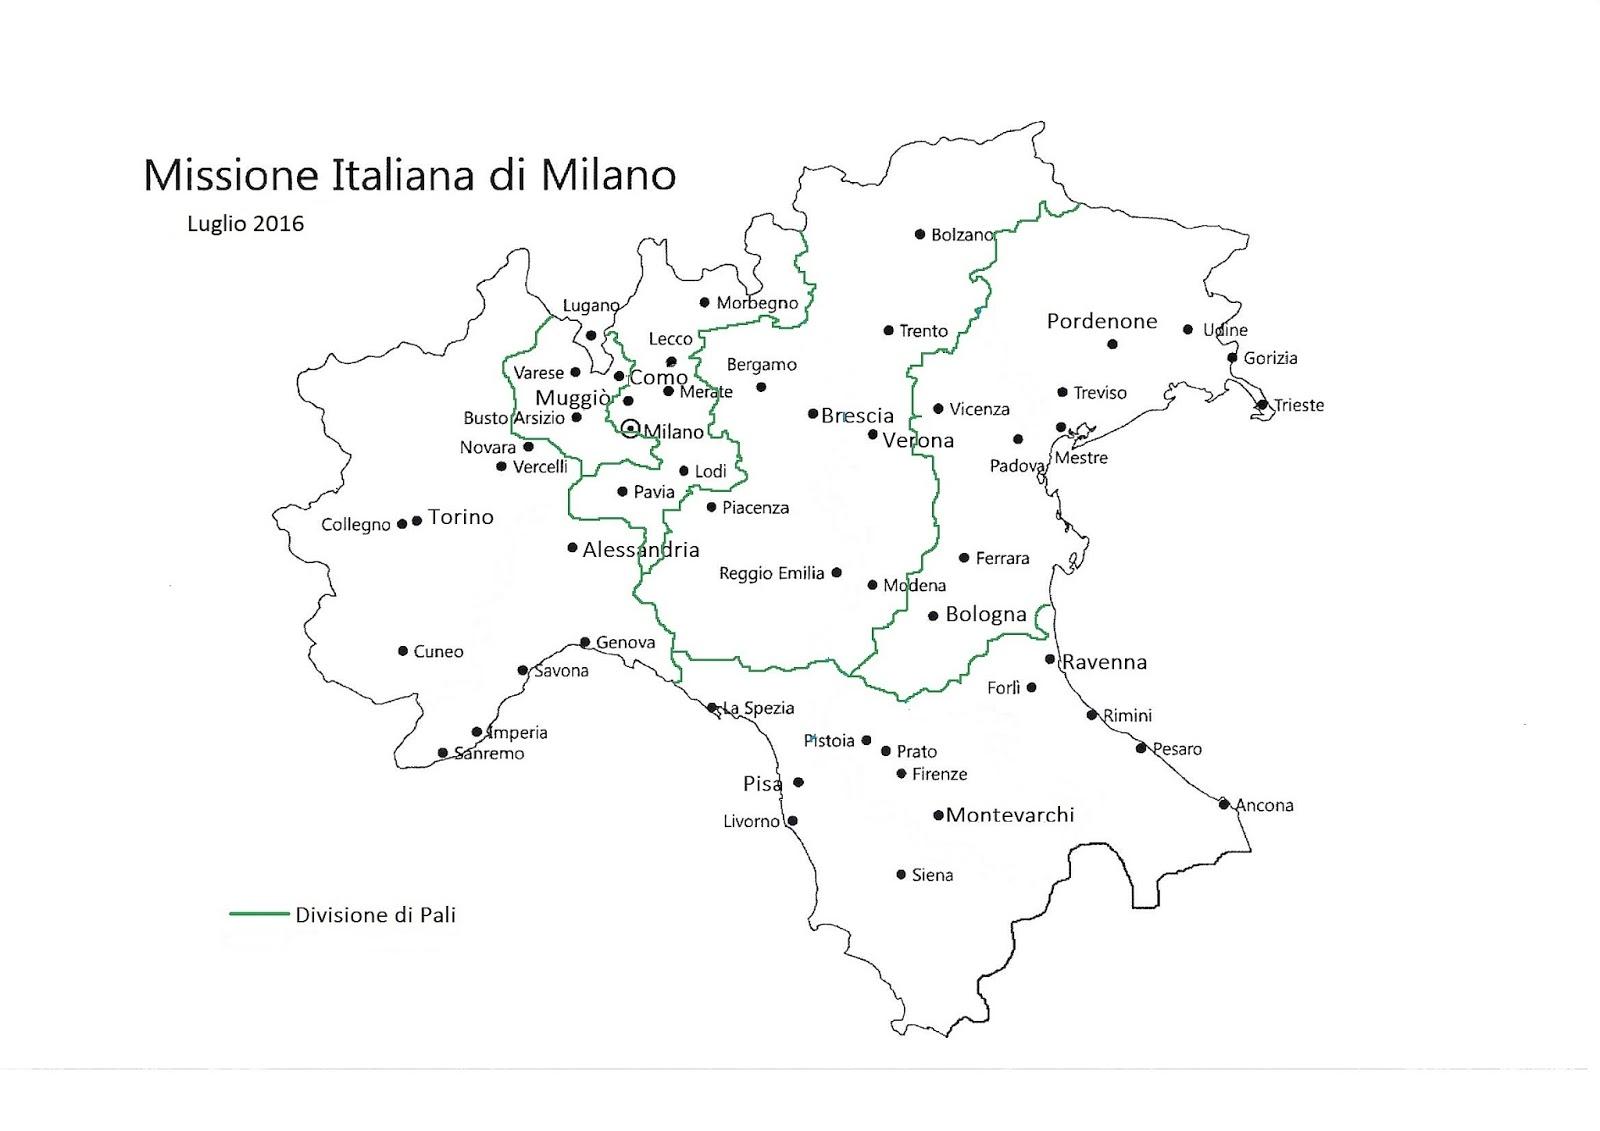 La Missione Italiana di Milano Mission Facts